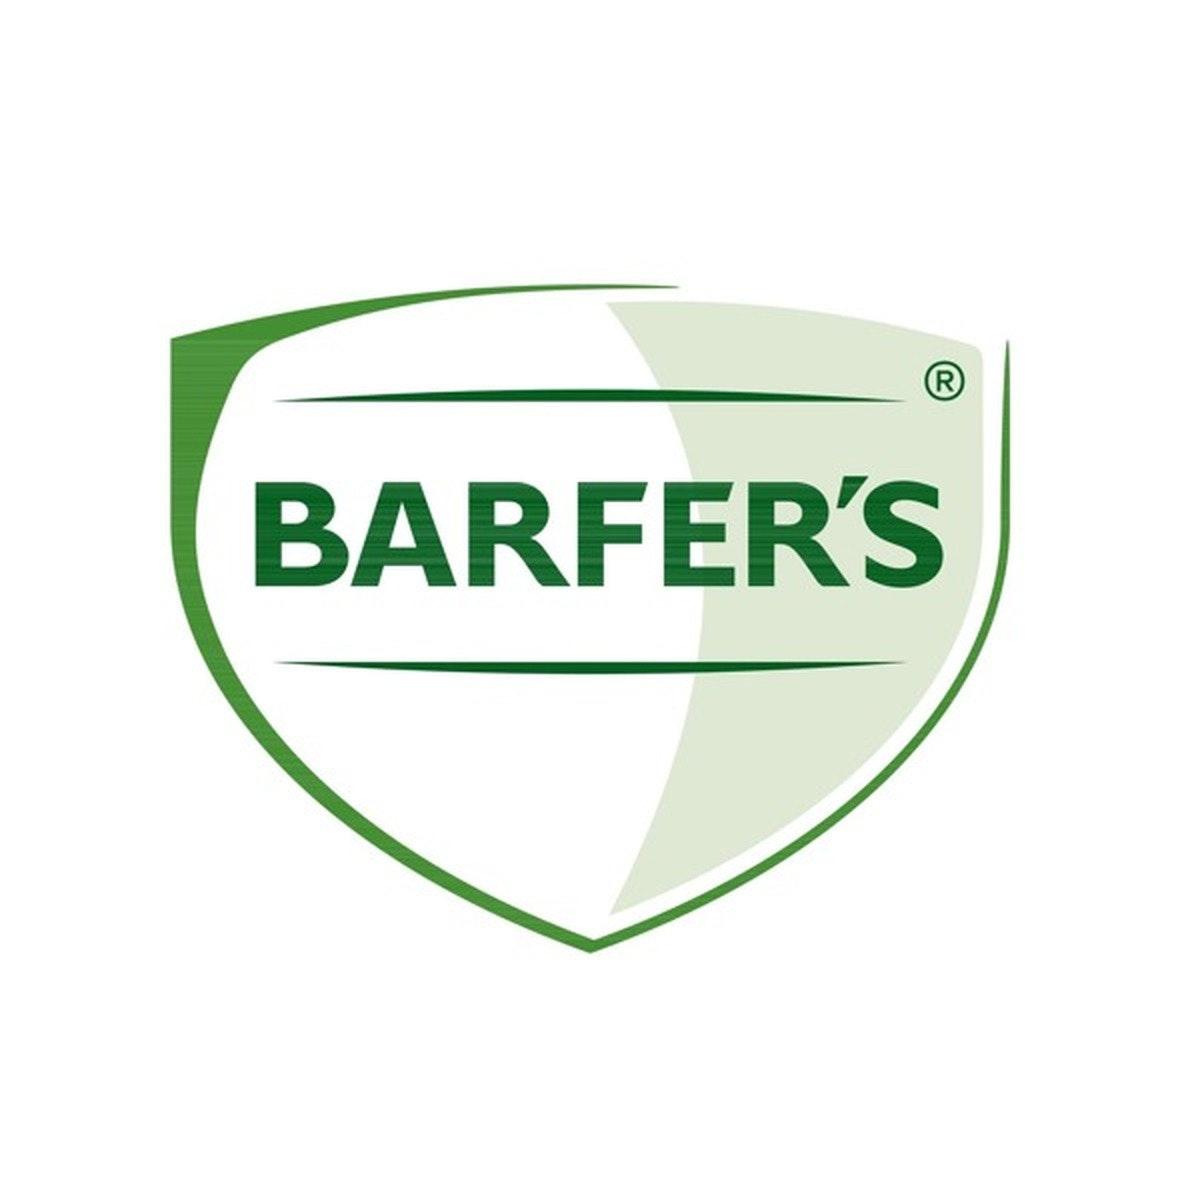 Barfer's Wellfood GmbH